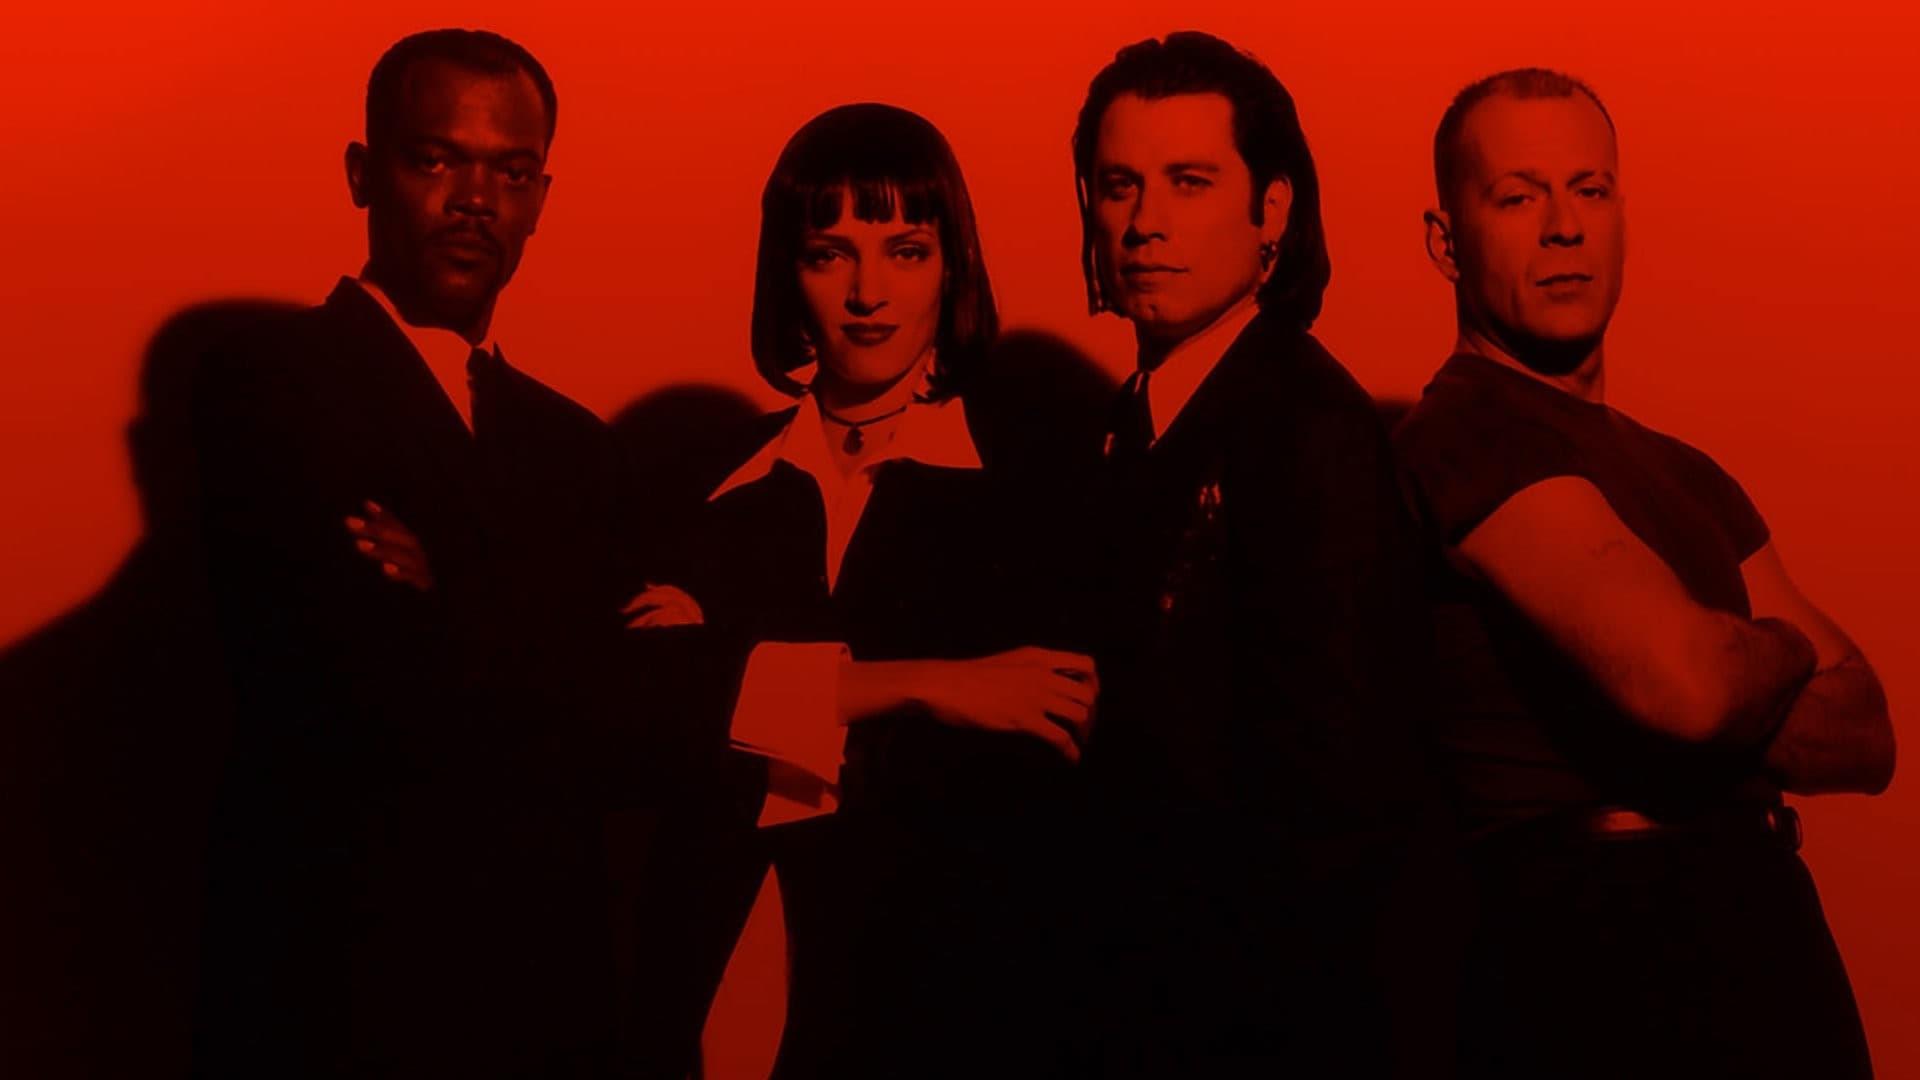 Кадры из фильма Криминальное чтиво Pulp Fiction 1994